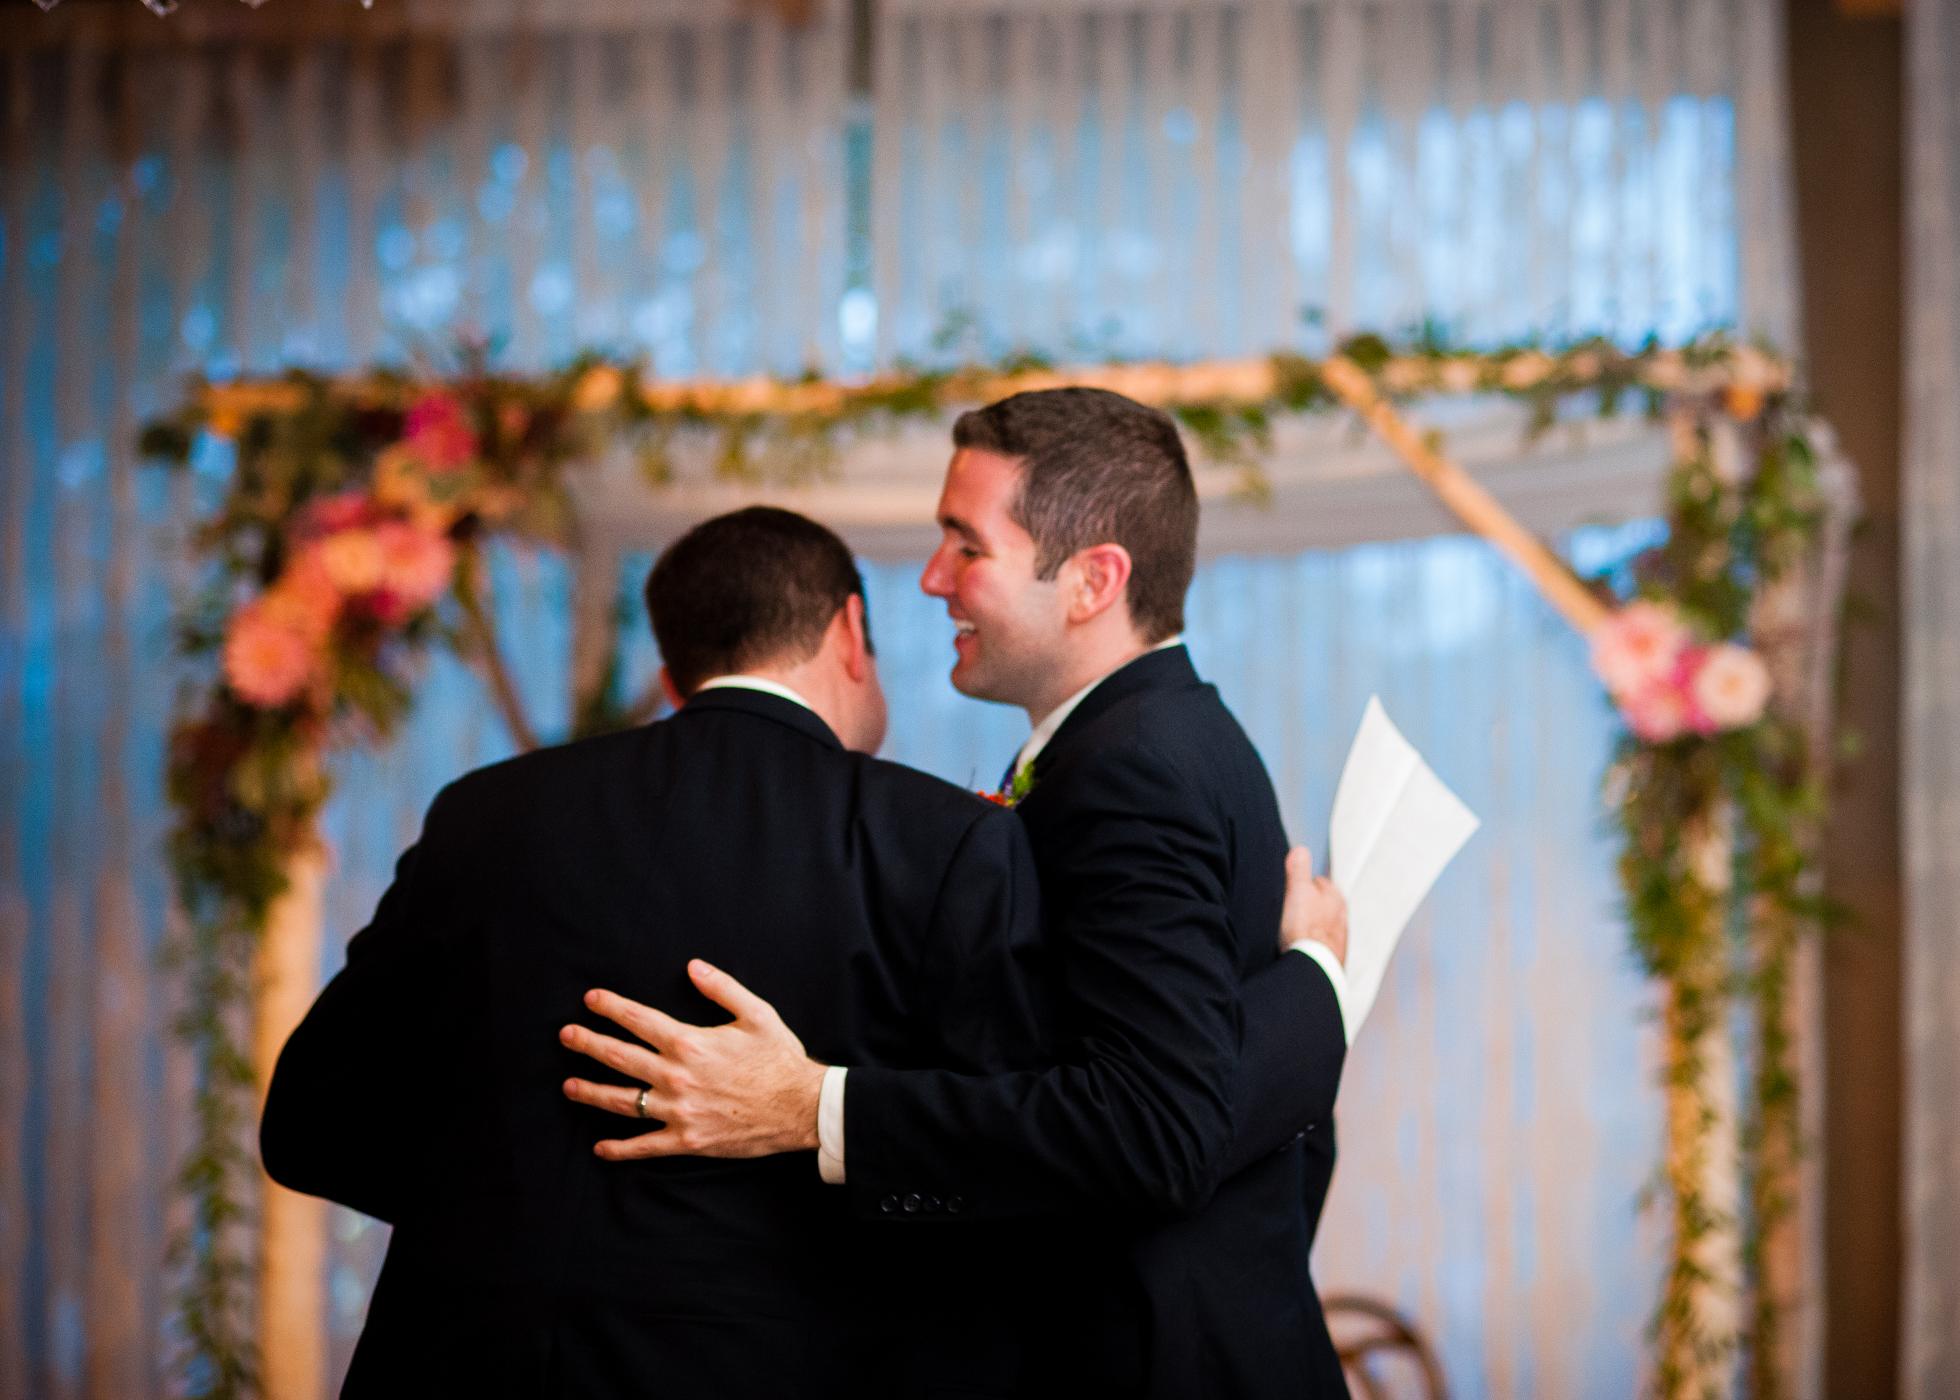 wedding toasts during asheville wedding ceremony